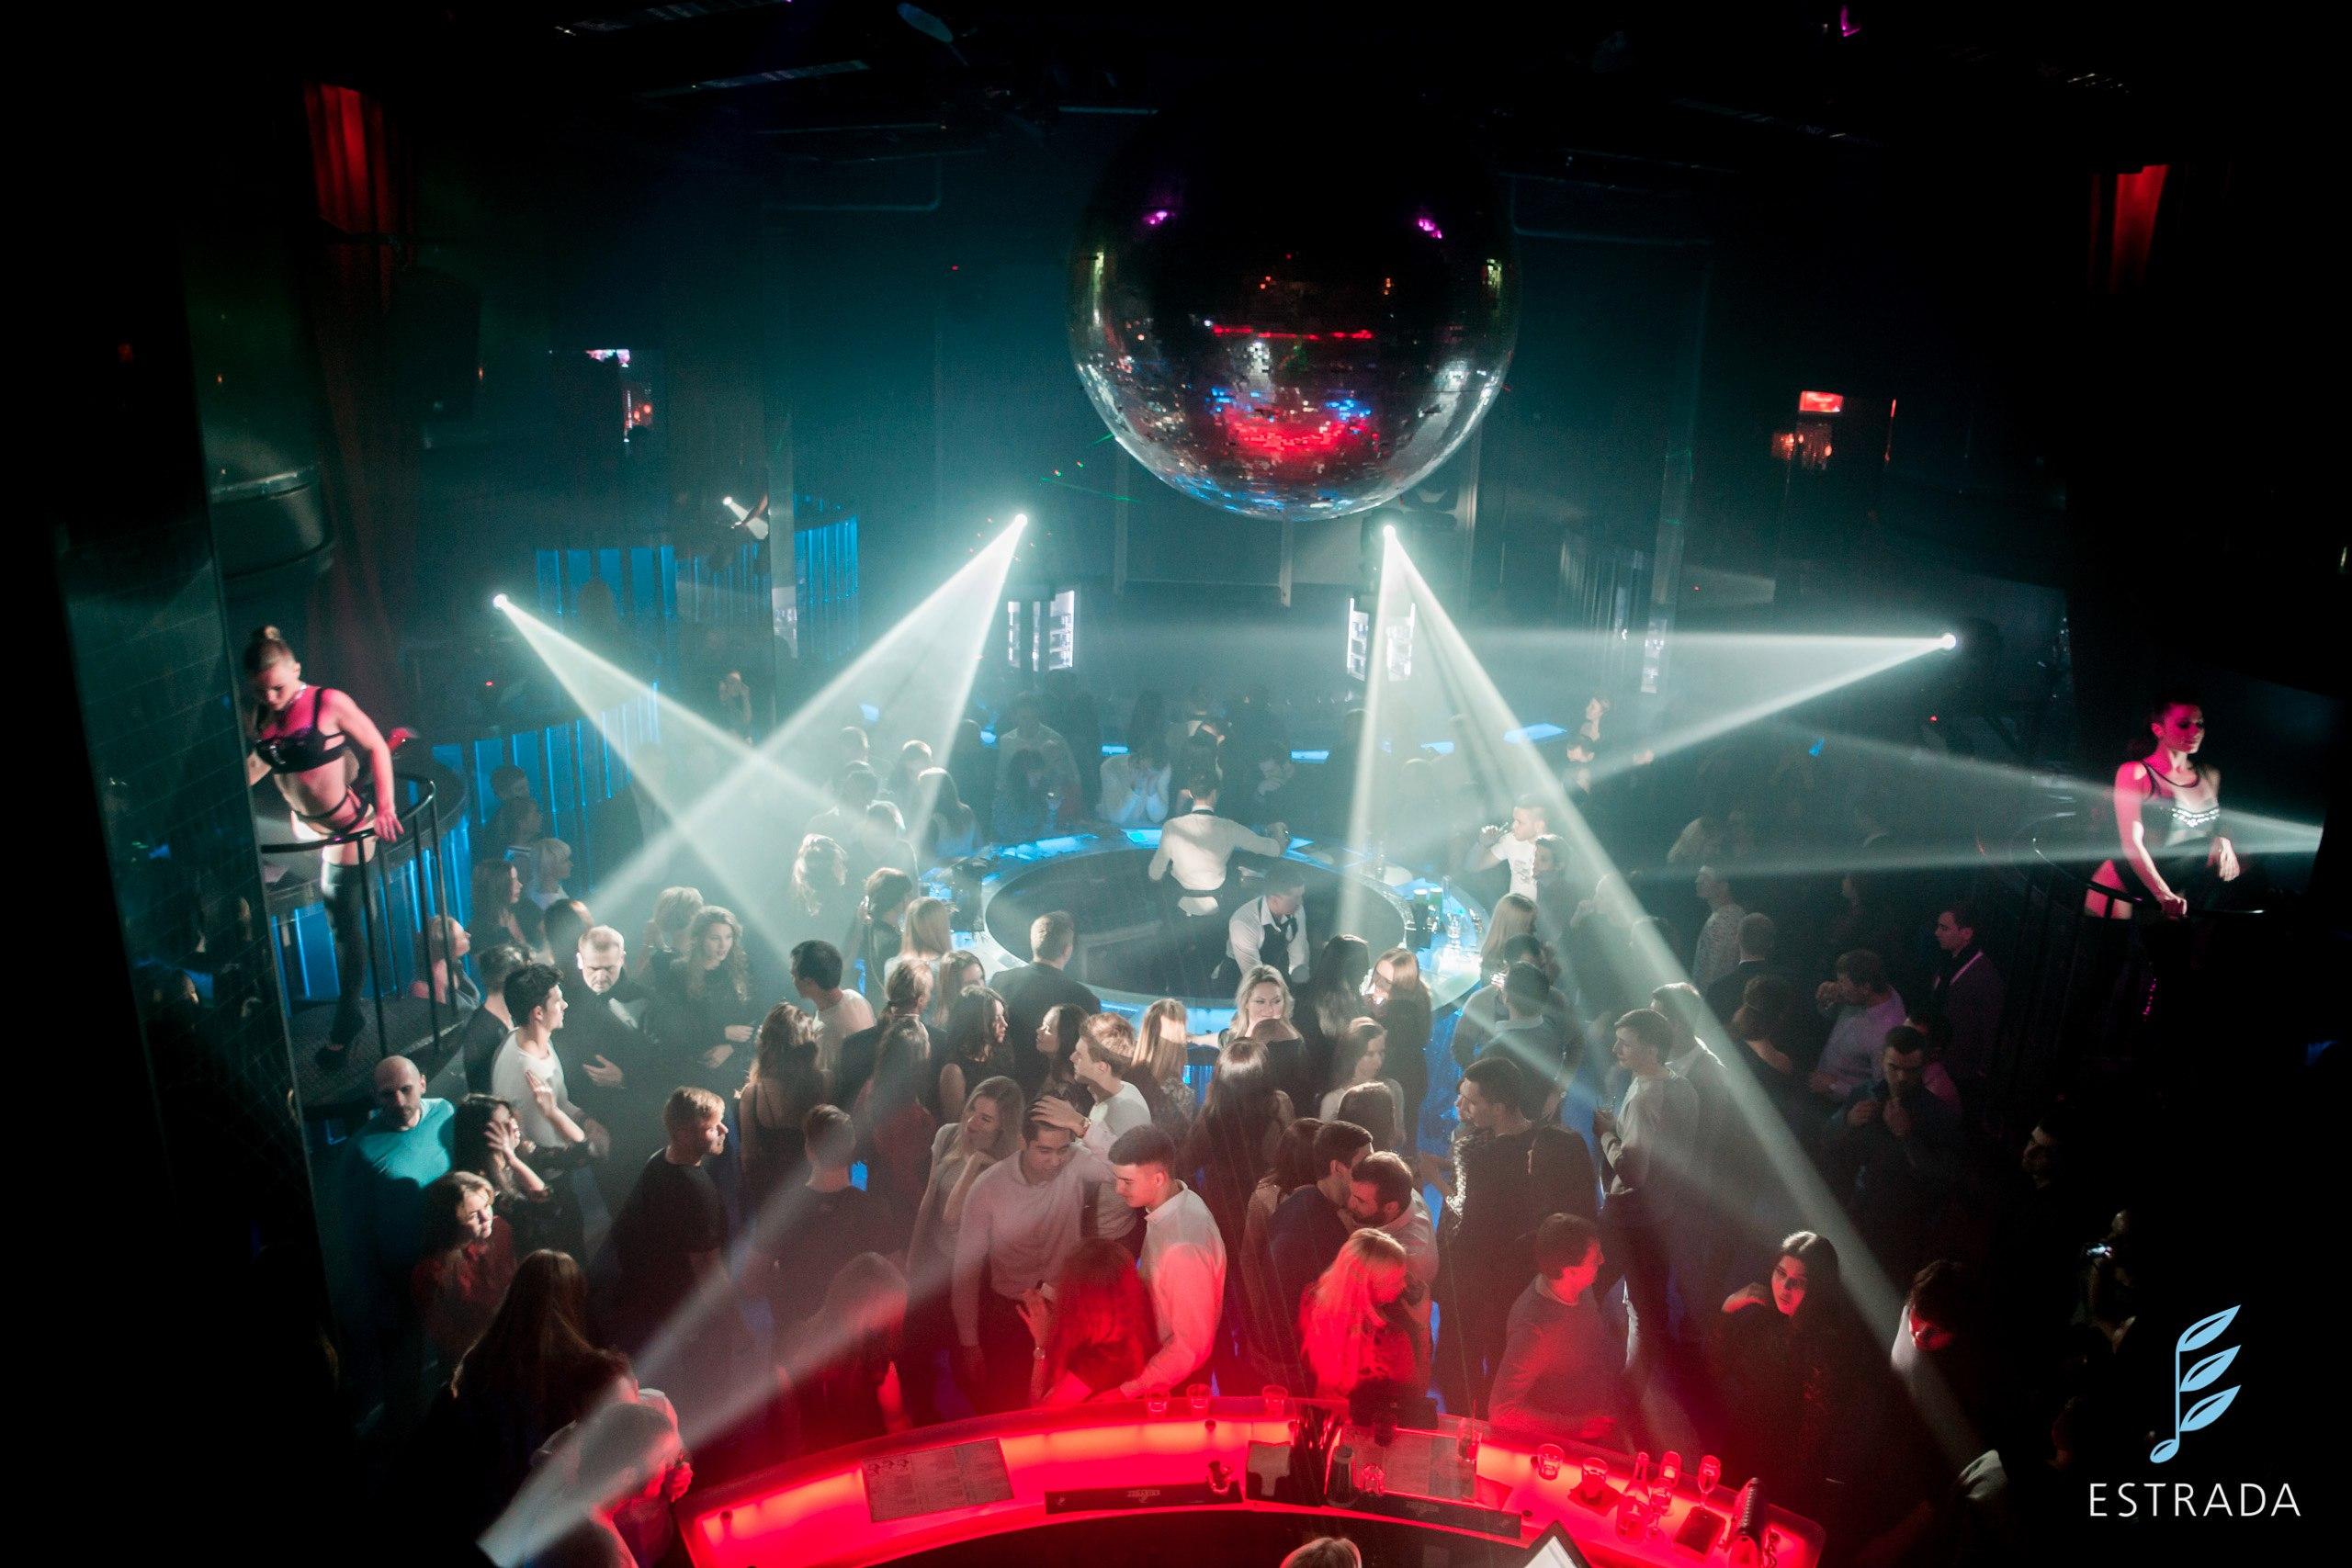 Как стать клубным фотографом — съемка в ночных клубах и фотоотчеты с вечеринок